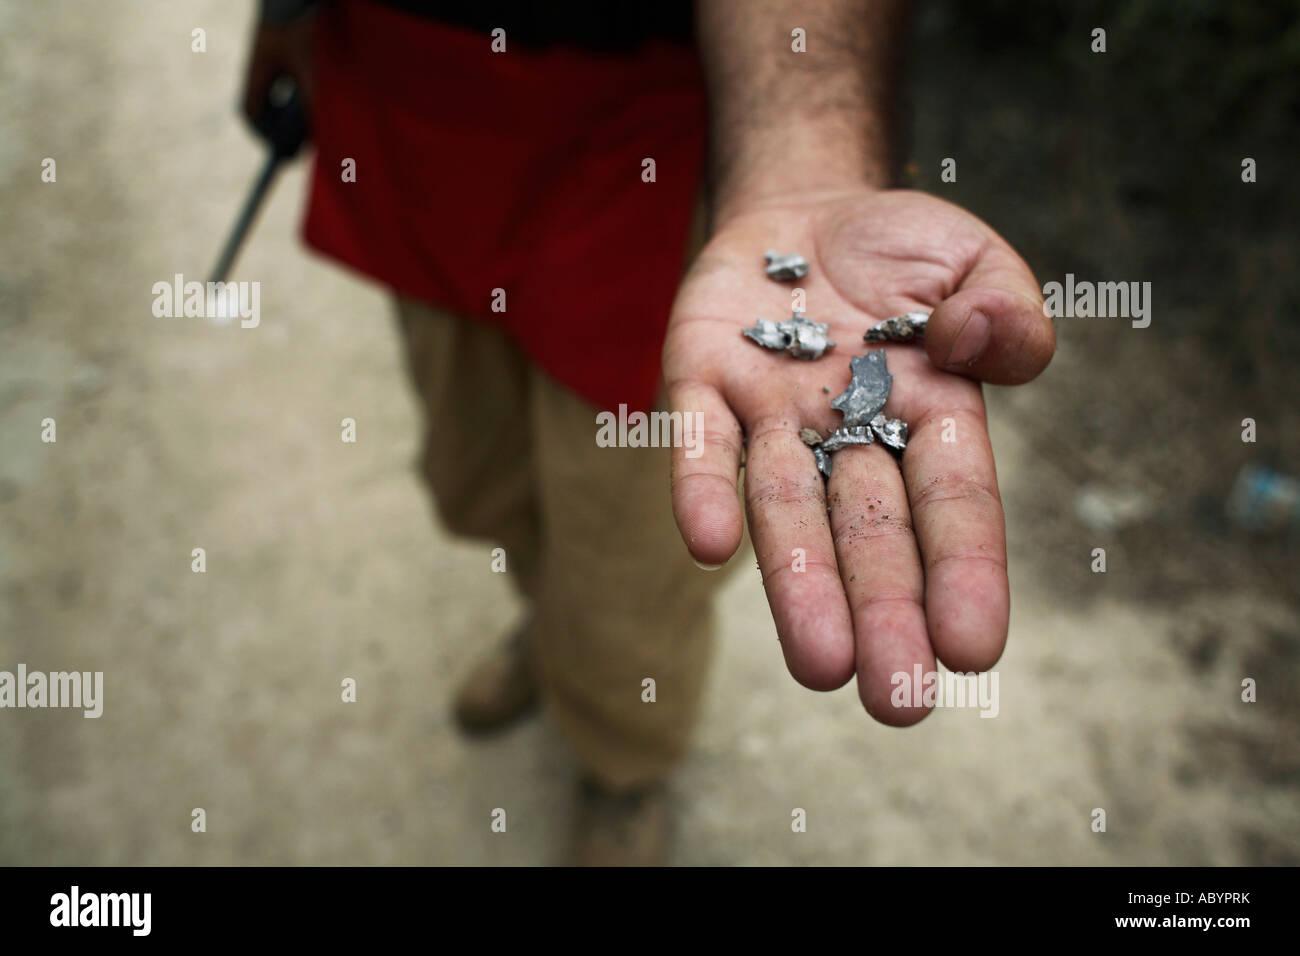 10-05-07-lebanon-small-pieces-of-shrapne